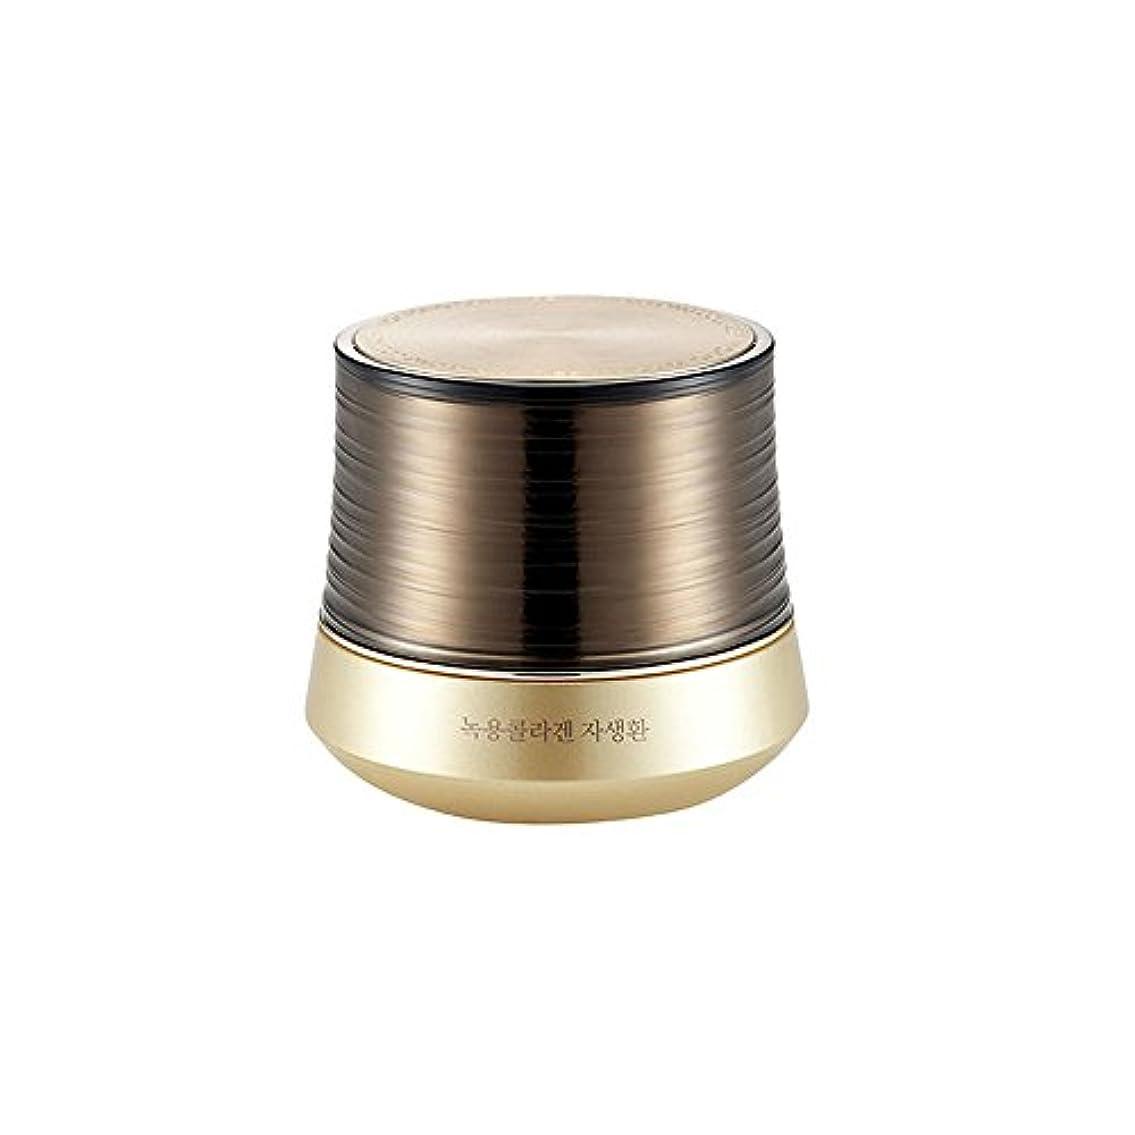 ファイバエイズ発言する[ザ?フェイスショップ] The Faceshop 鹿茸コラーゲンコントゥールリフトゴールドカプセルクリーム50g The Faceshop Nokyong Collagen Contour Lift Gold Capsule...